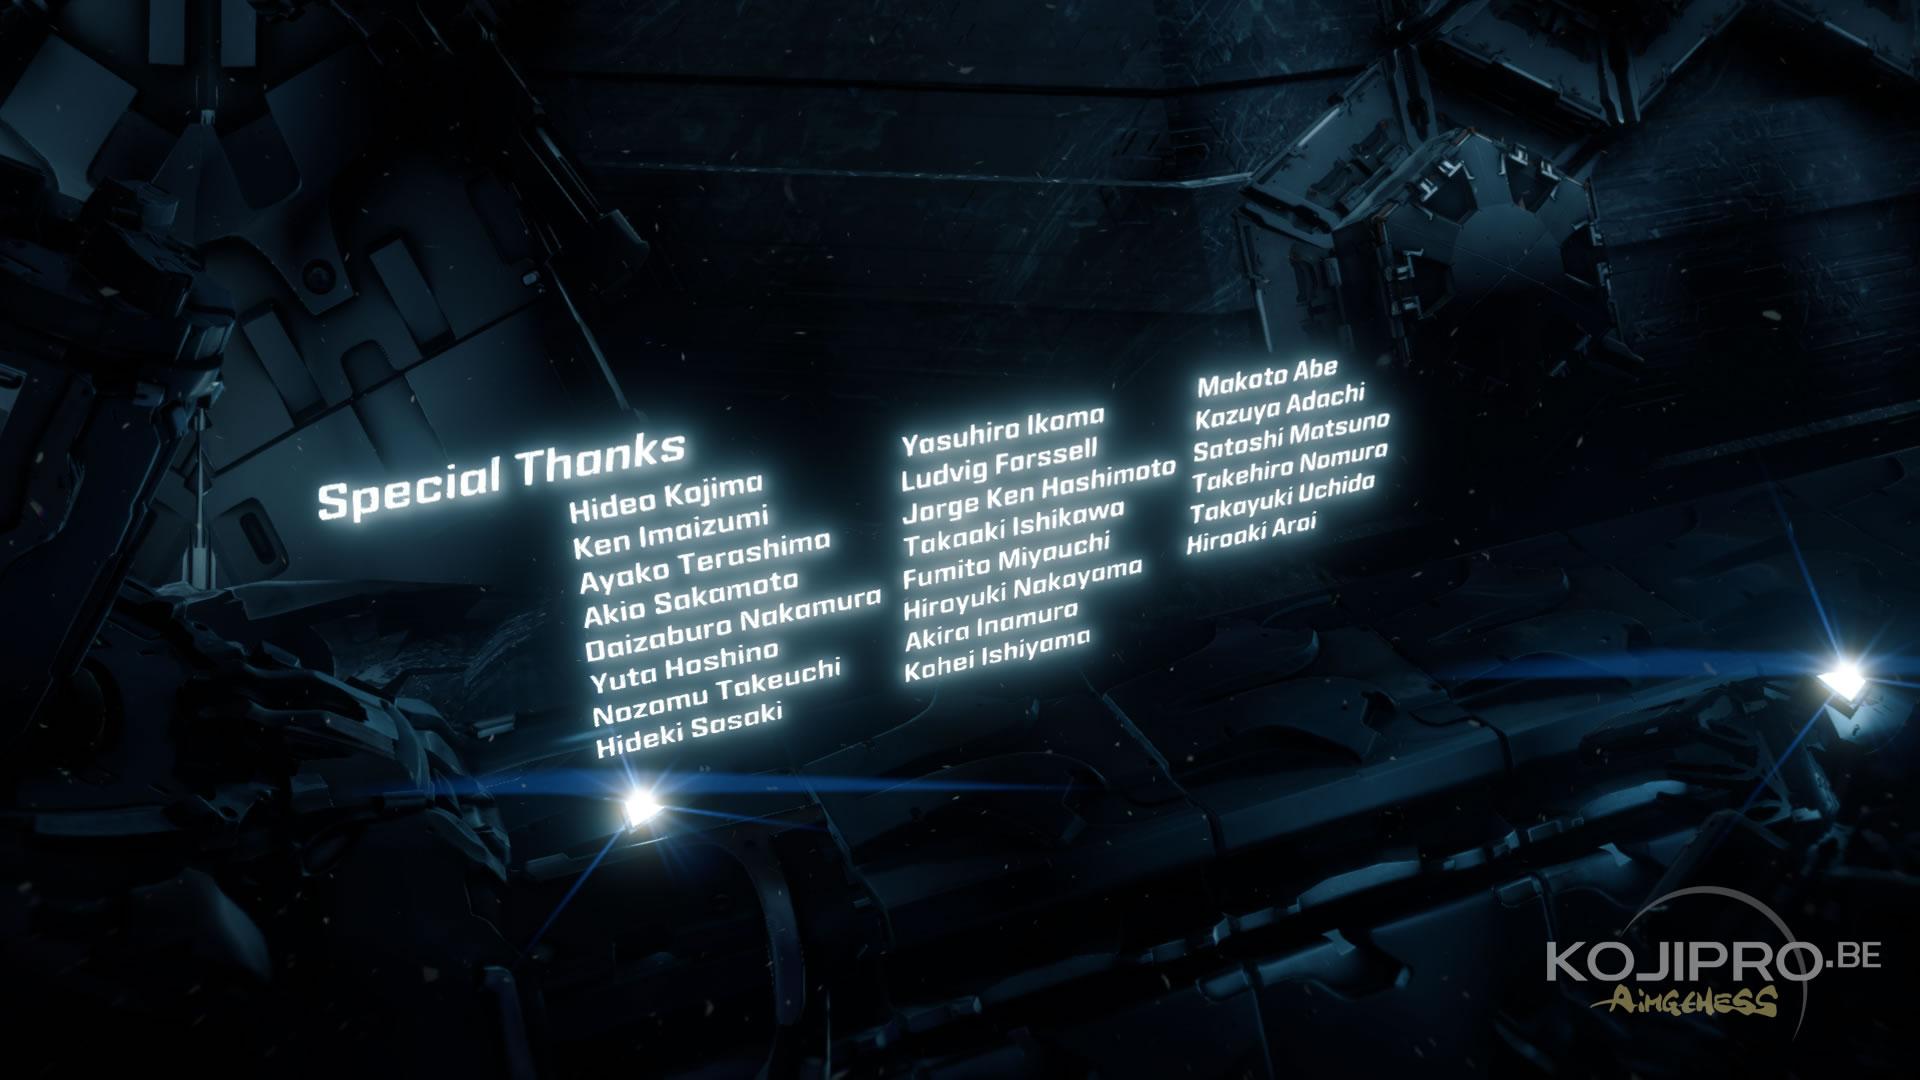 Guerrilla Games remercie des membres de Kojima Productions dans le générique de Horizon Zero Dawn